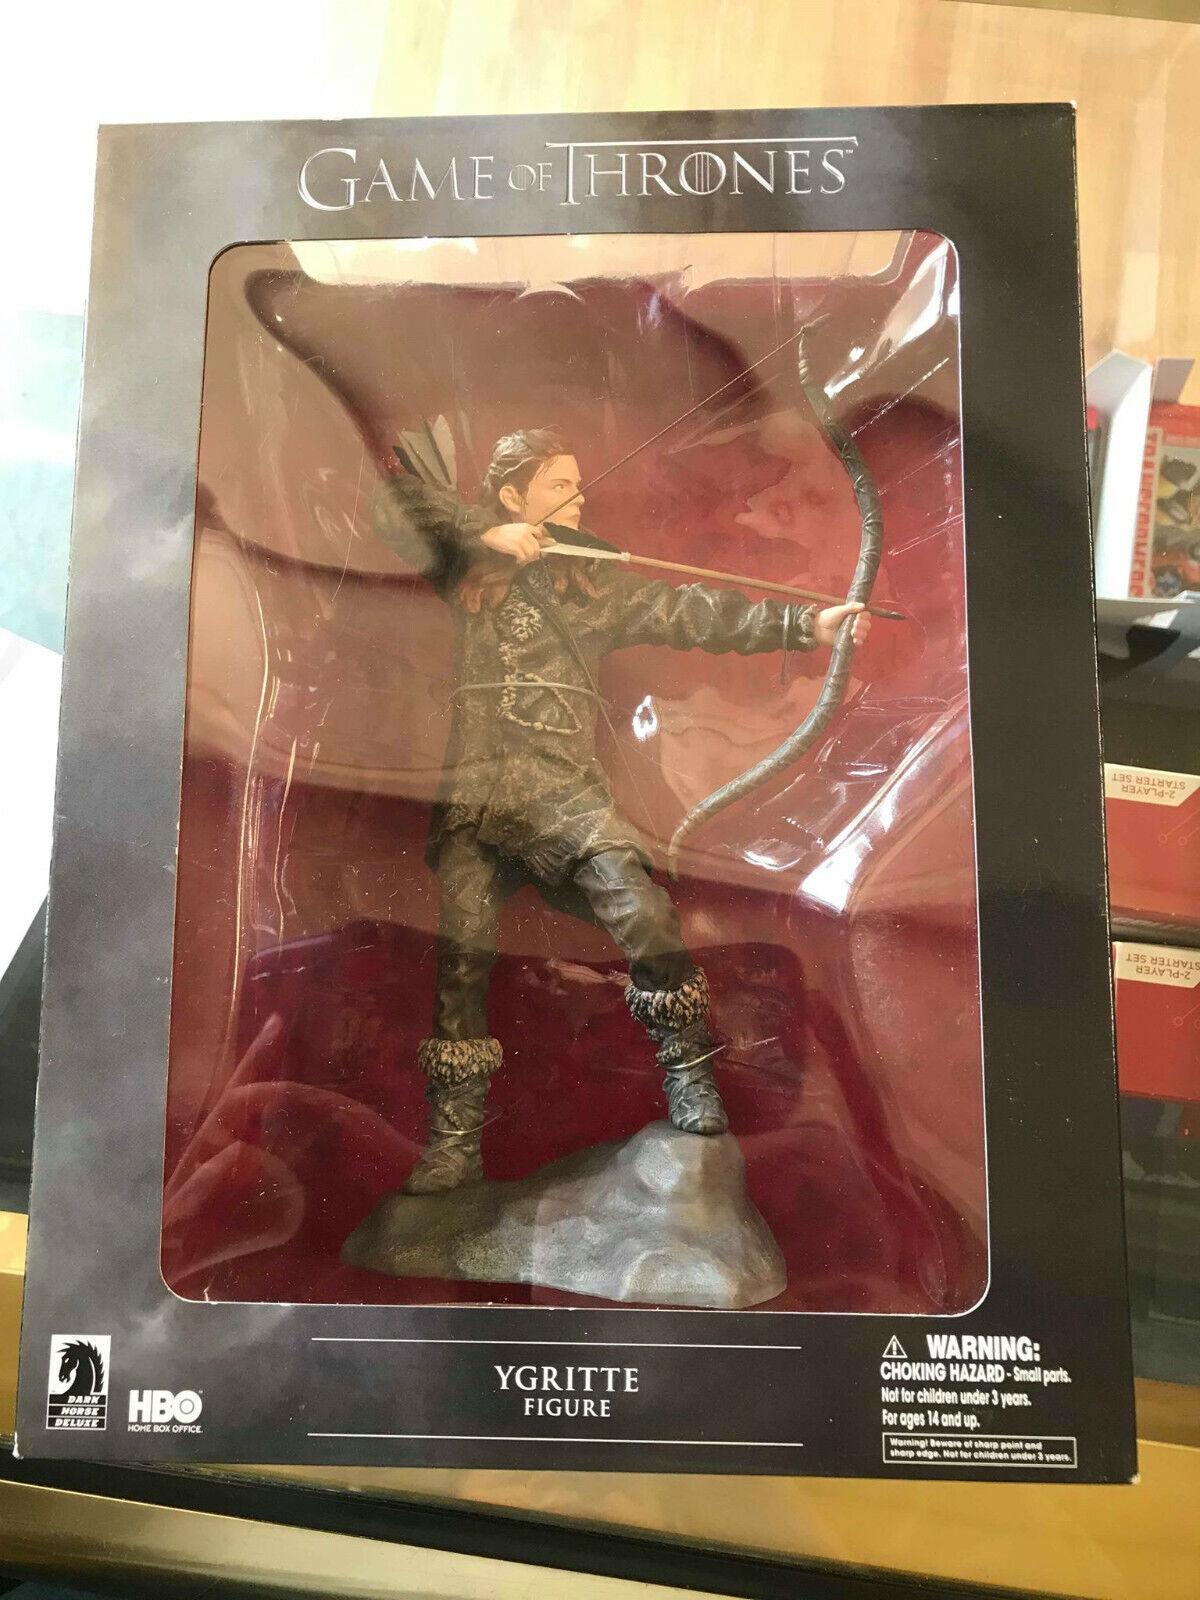 Brand New Dark Pferd HBO Figure buchstabieren of Thrones Collectable - Ygritte